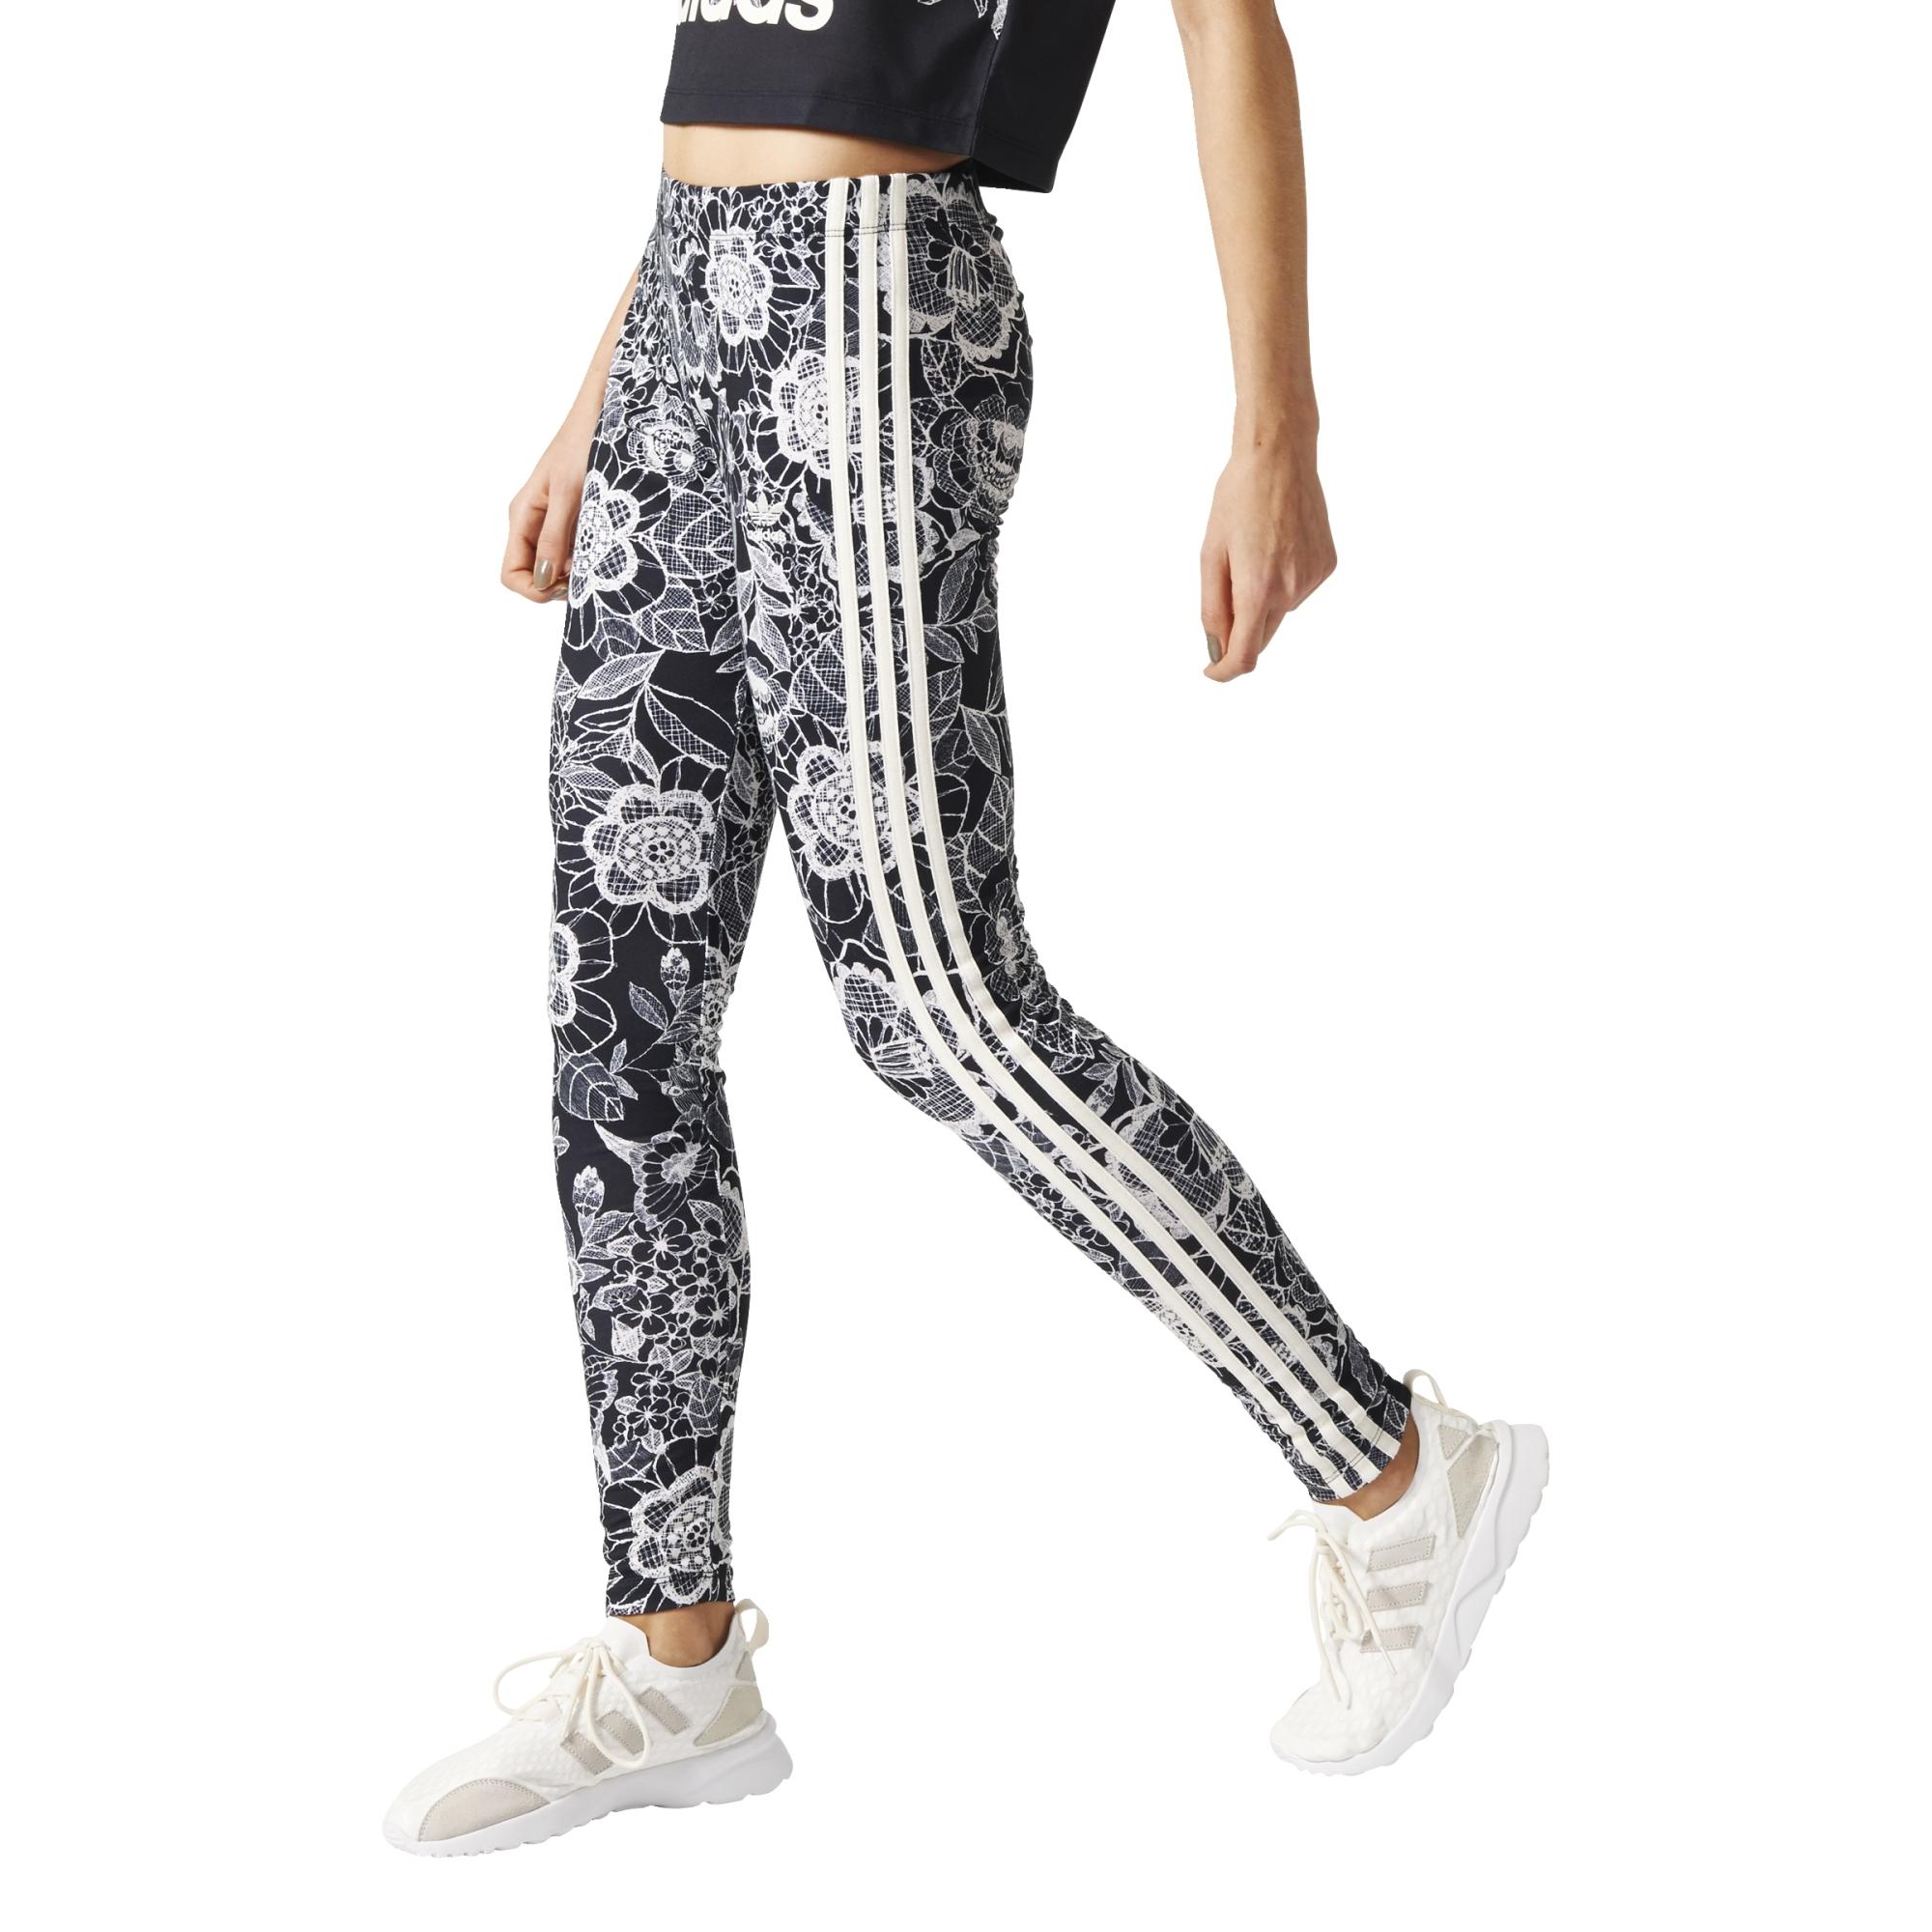 3 Florido Originals Leggings Adidas Stripes Farm wOk0nP